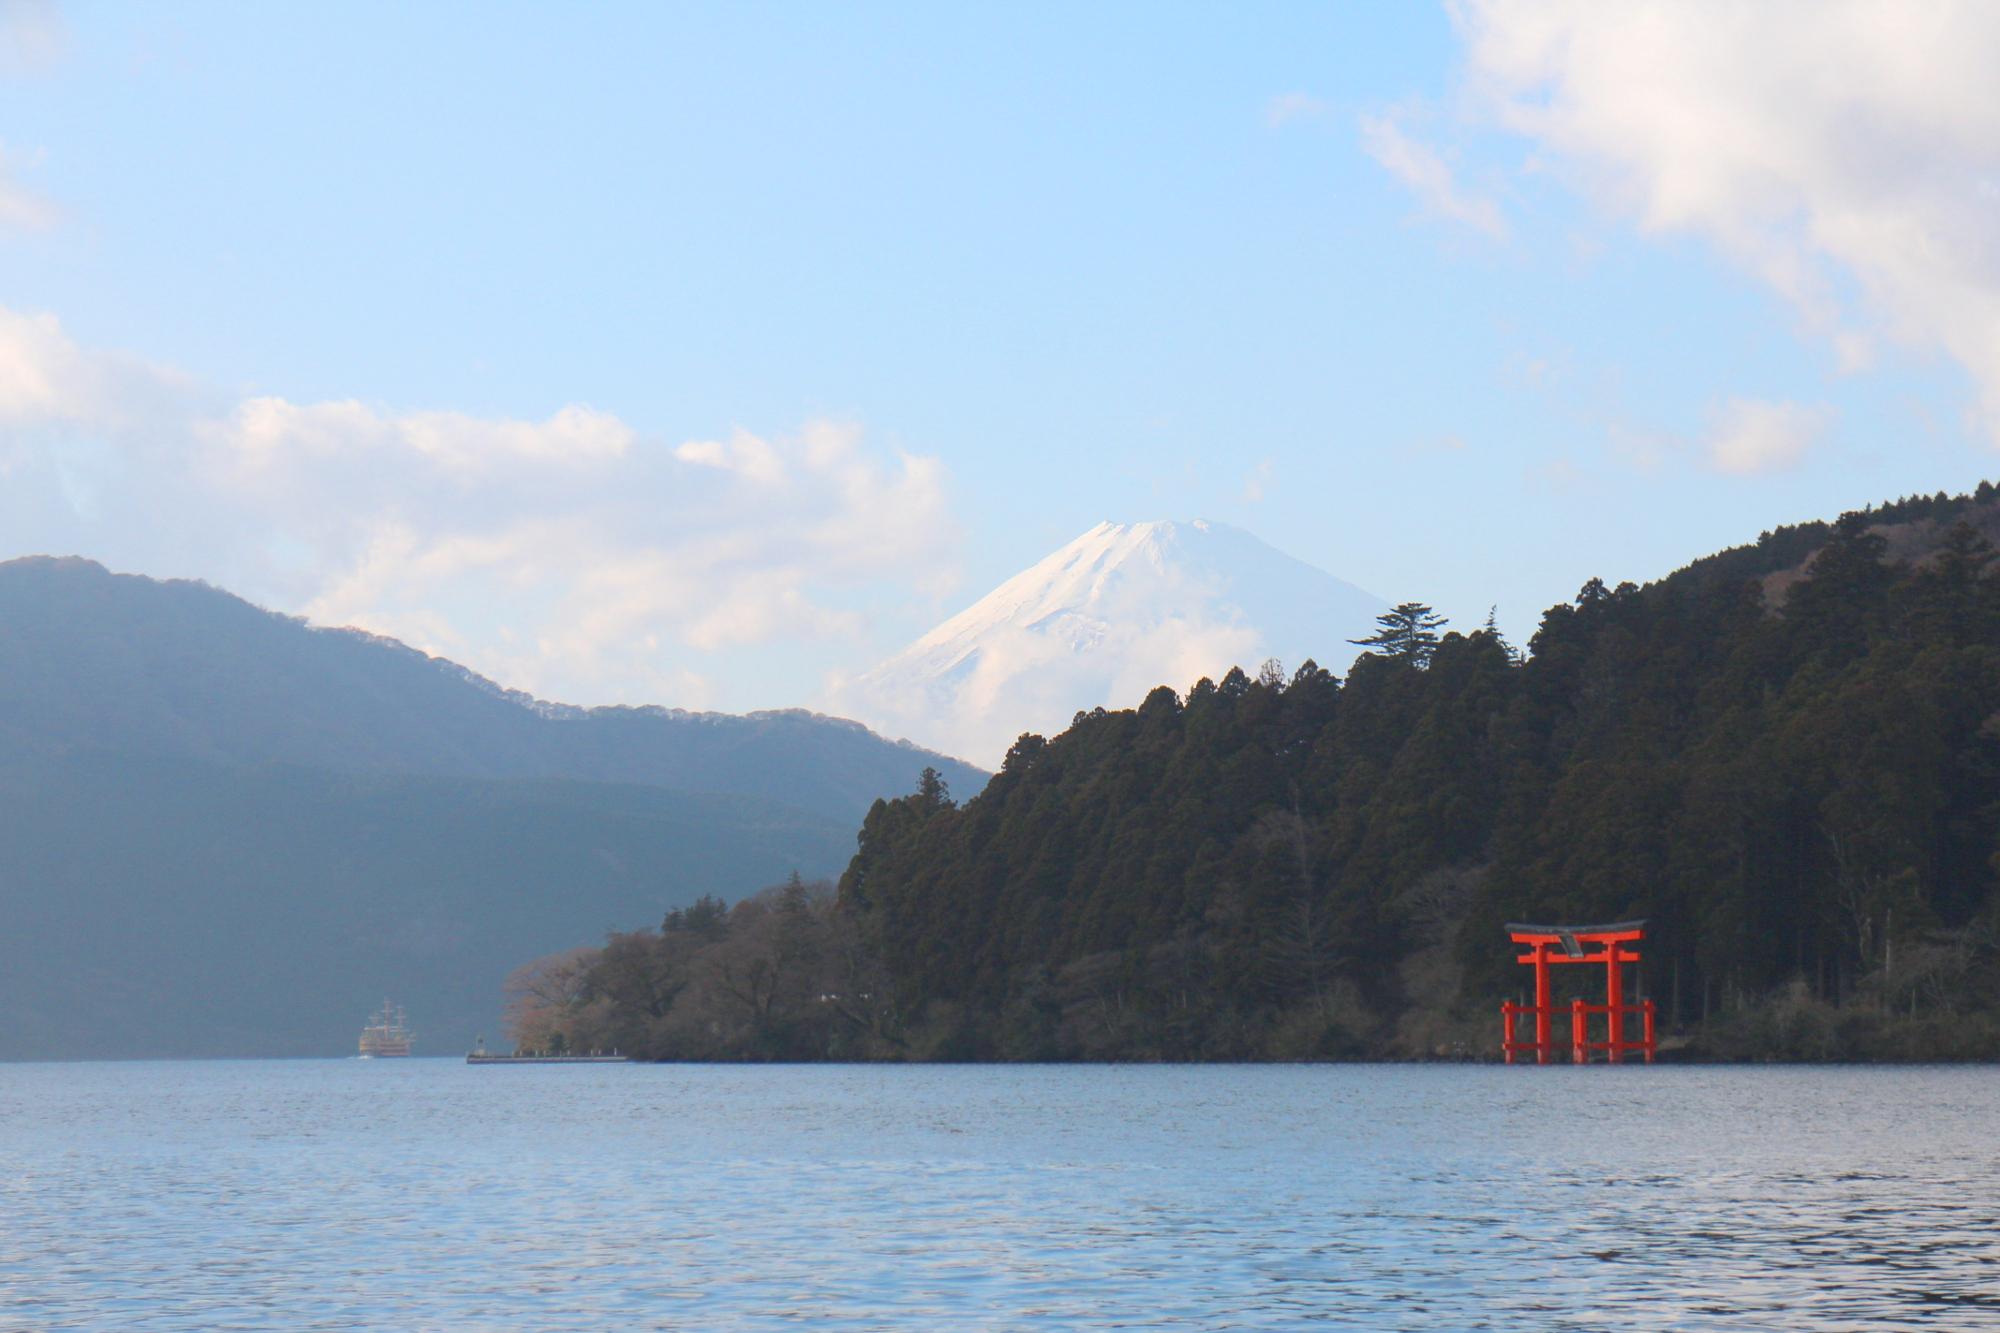 Der See Ashinoko mit dem Fuji bzw. Fudschijama im Hintergrund und dem roten Torii des Hakone-Schreines.